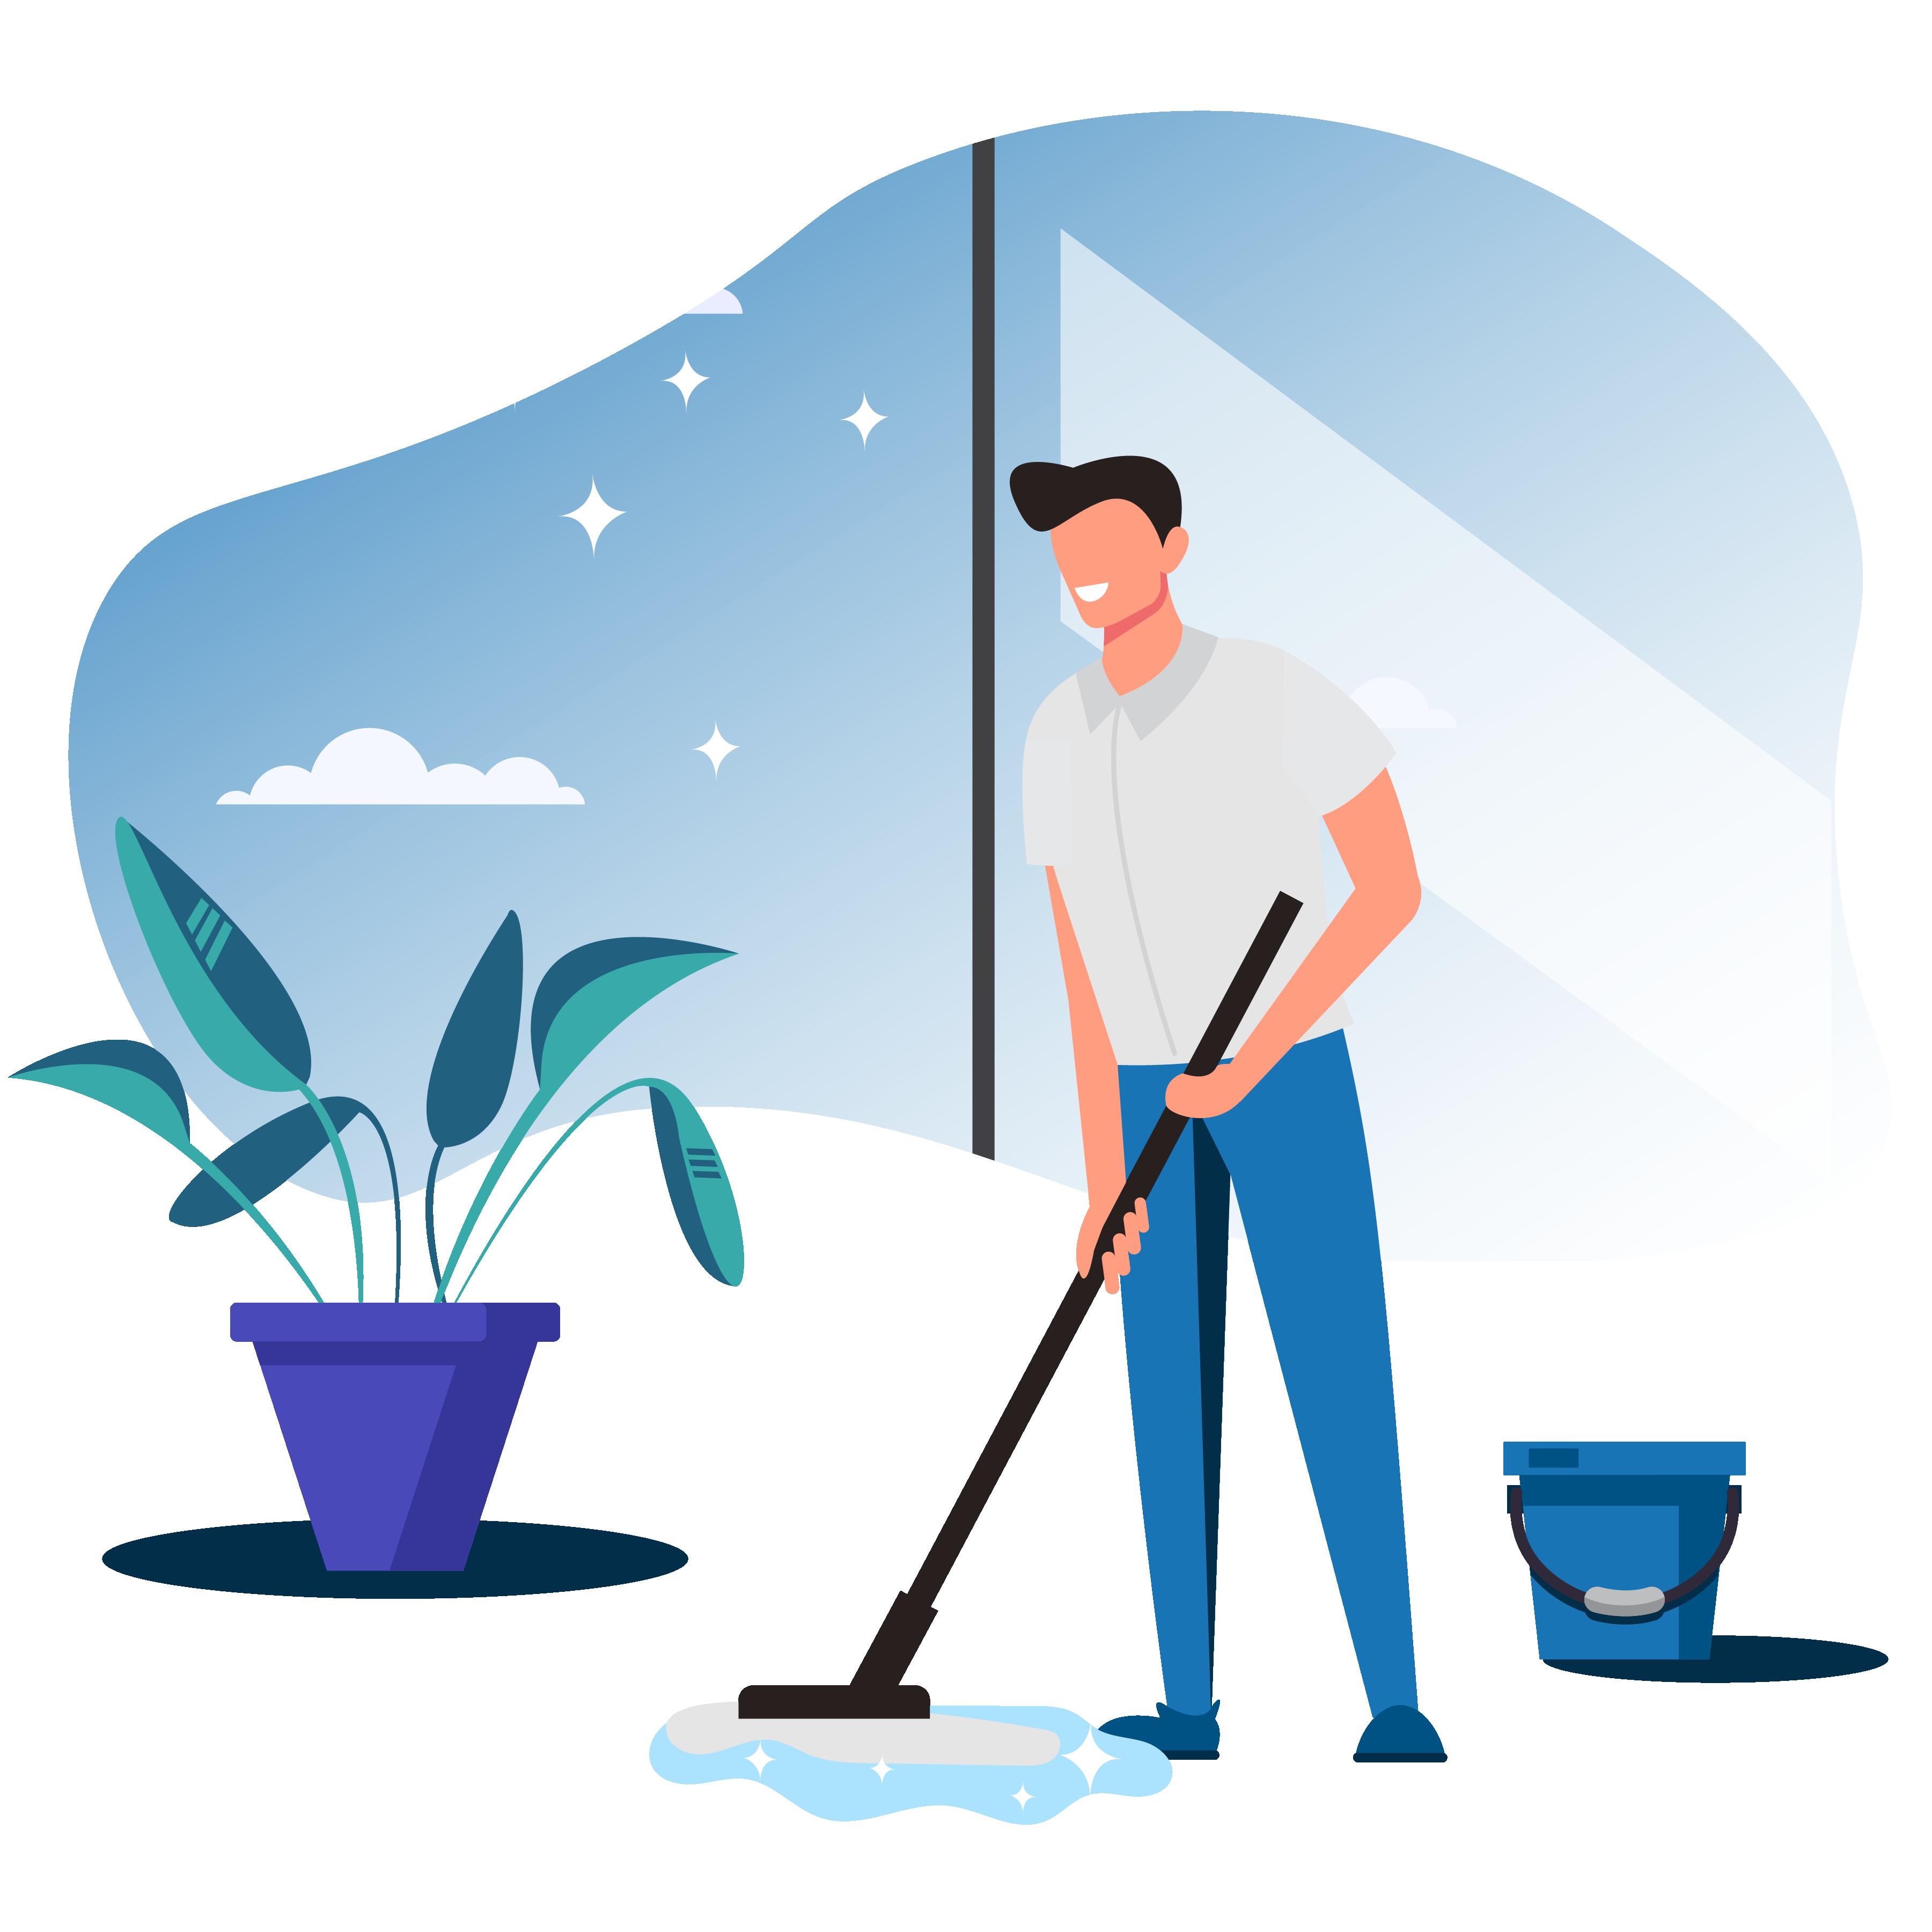 Mann mit Wischmob reinigt die Wohnung